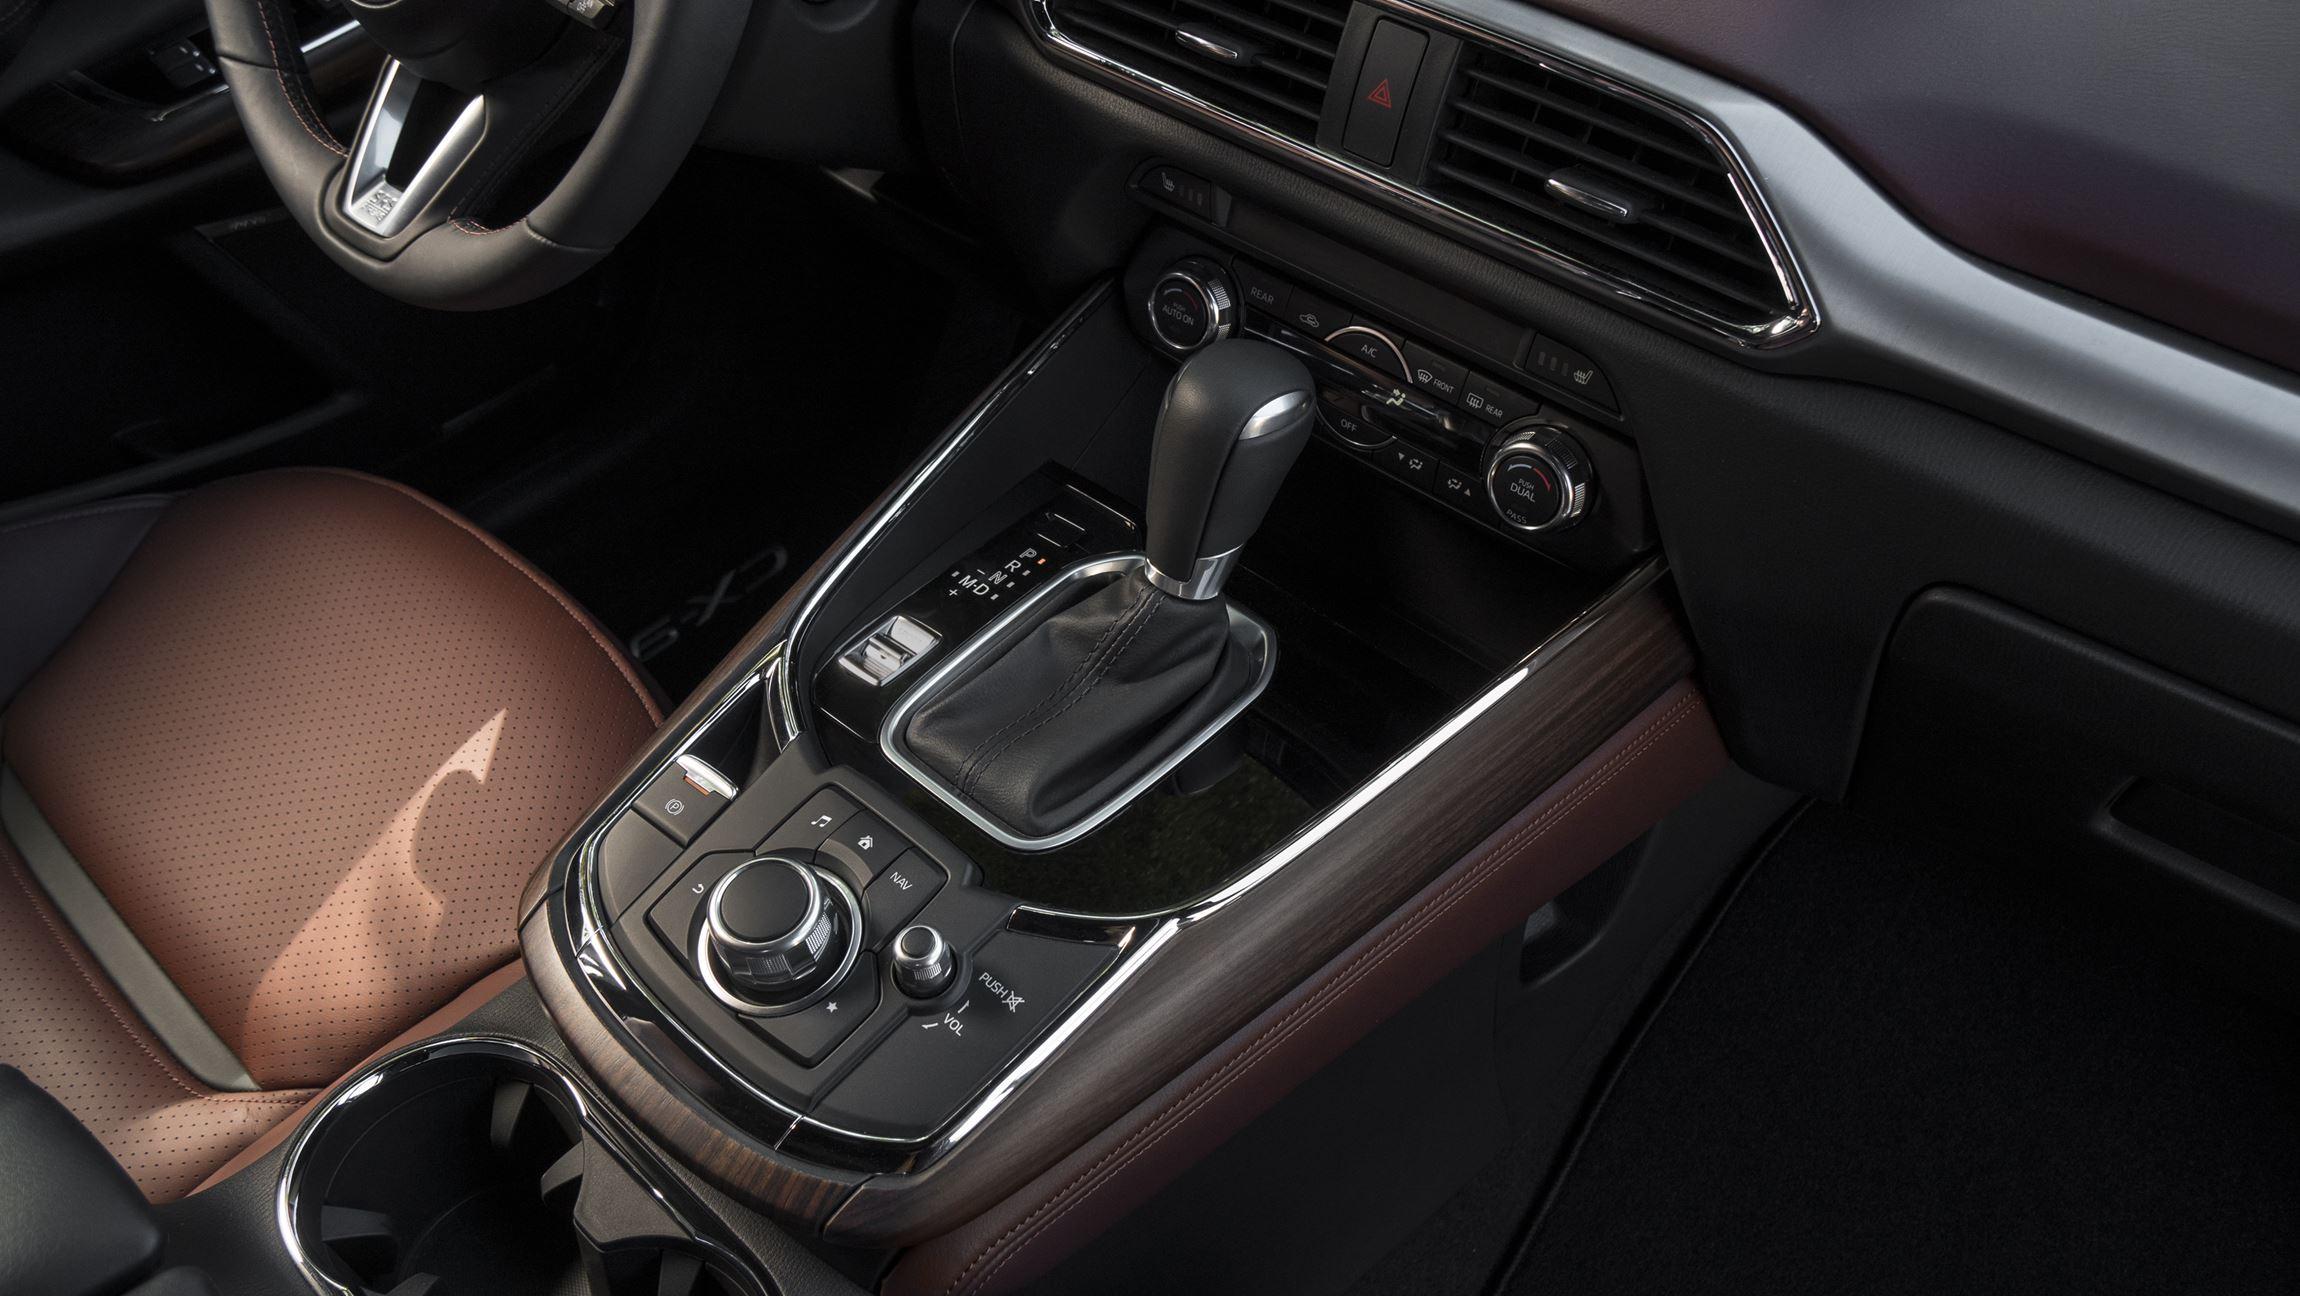 2017 Mazda Cx 9 Interior 7